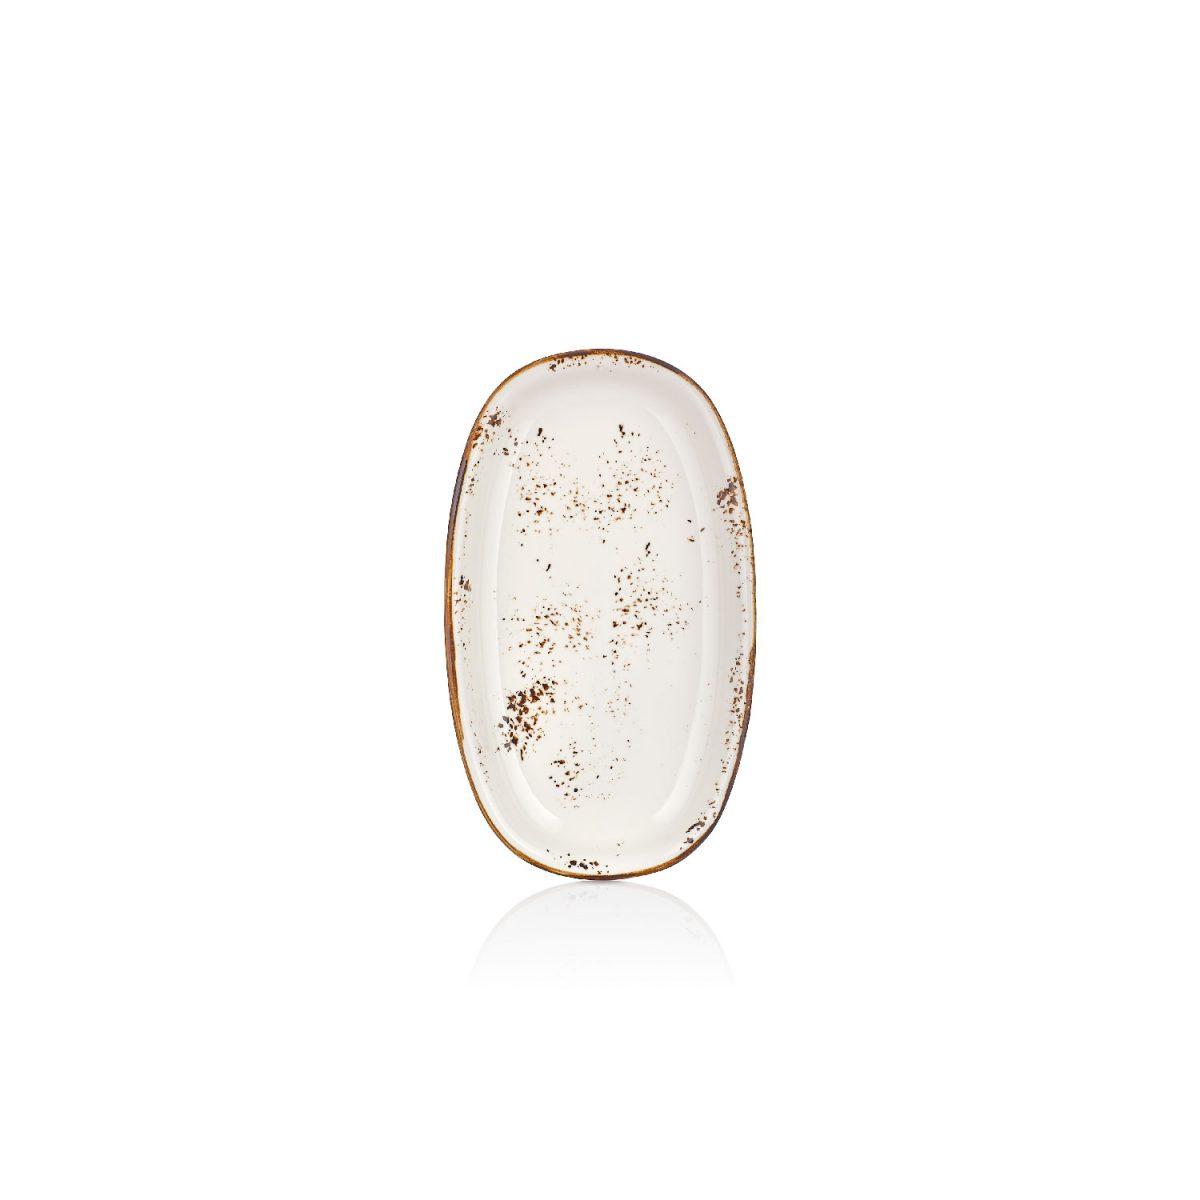 Elegance Zest 15 cm Oval Tabak